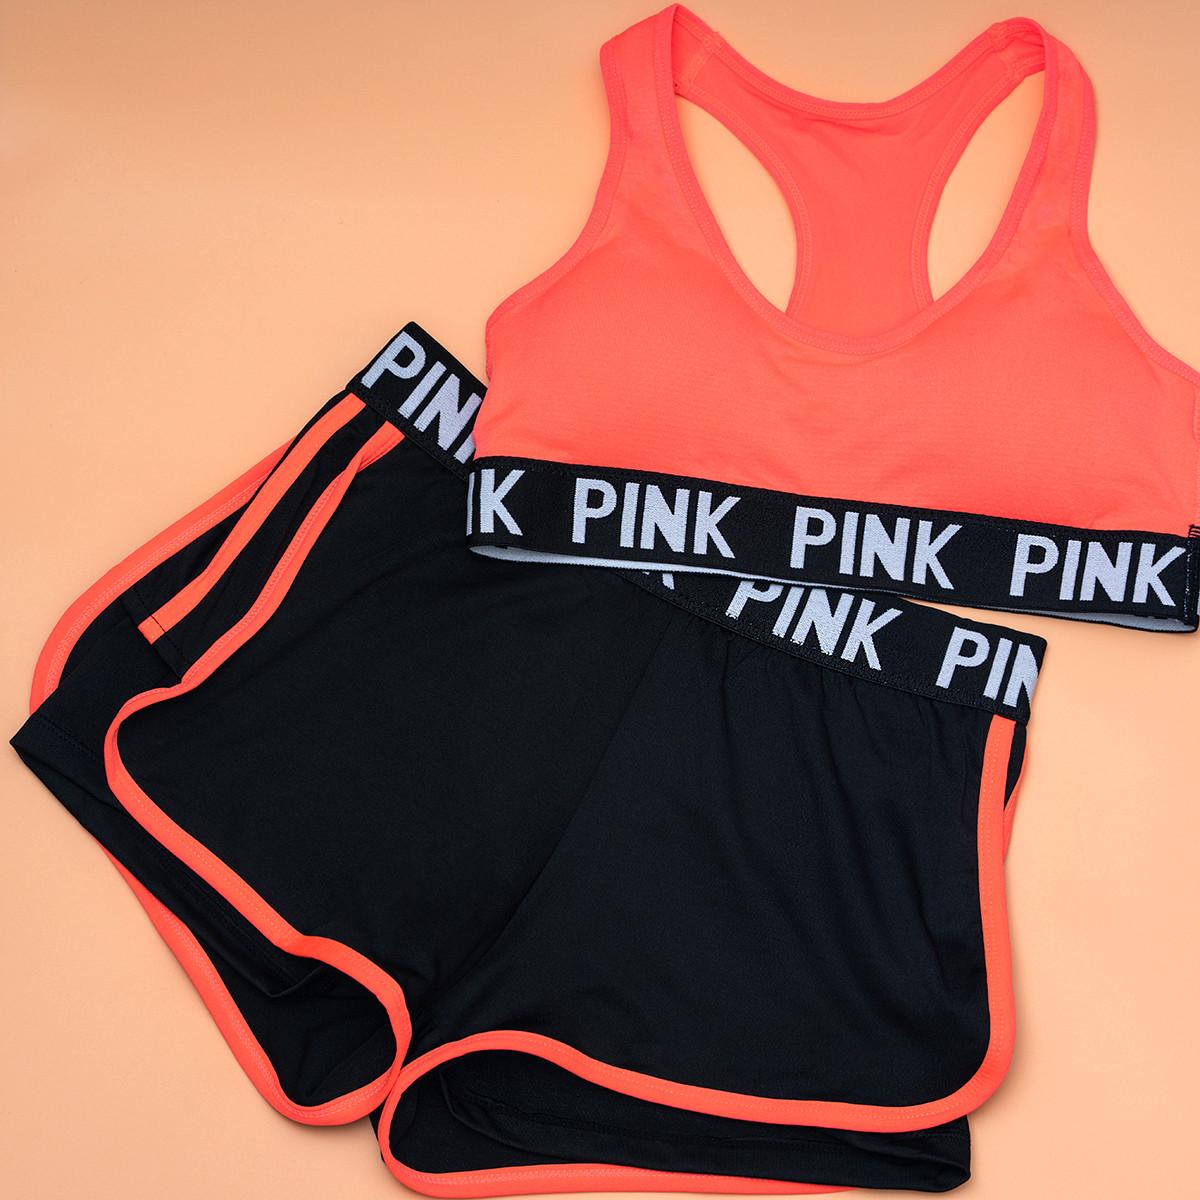 Комплект белья   PINK   спортивный   топ A/B + шортики